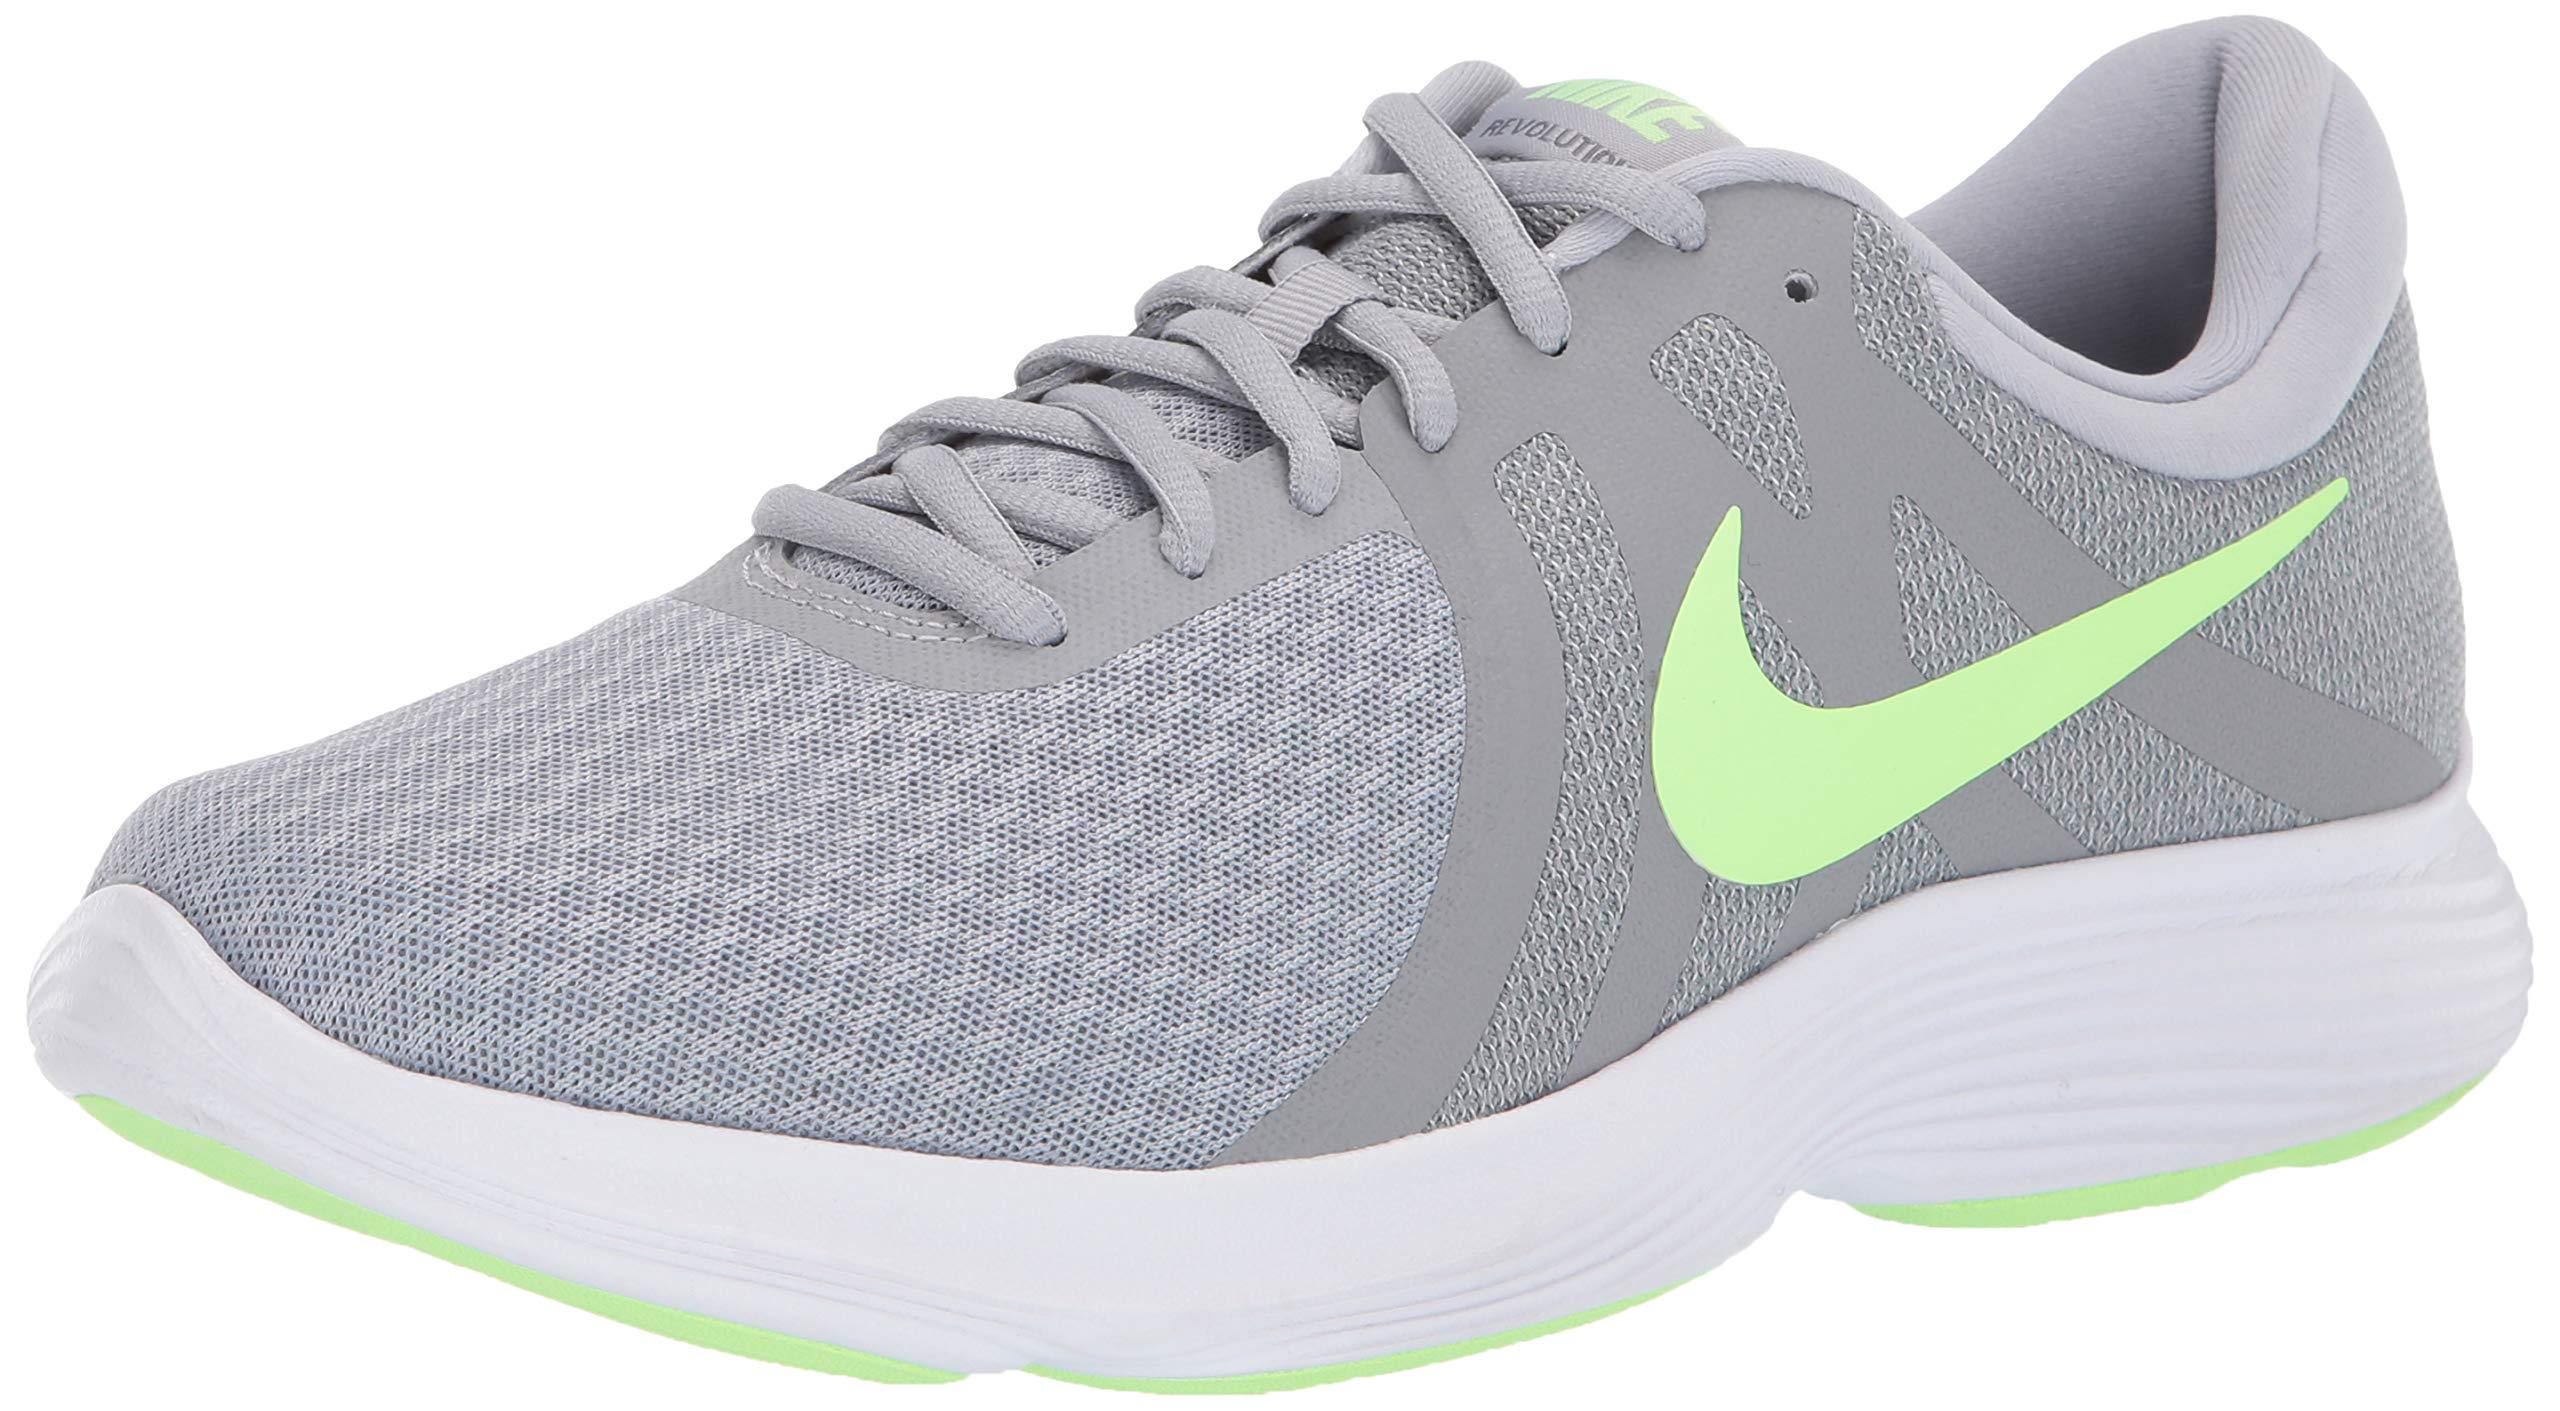 90695c1c2e29d Galleon - NIKE Men s Revolution 4 Running Shoe